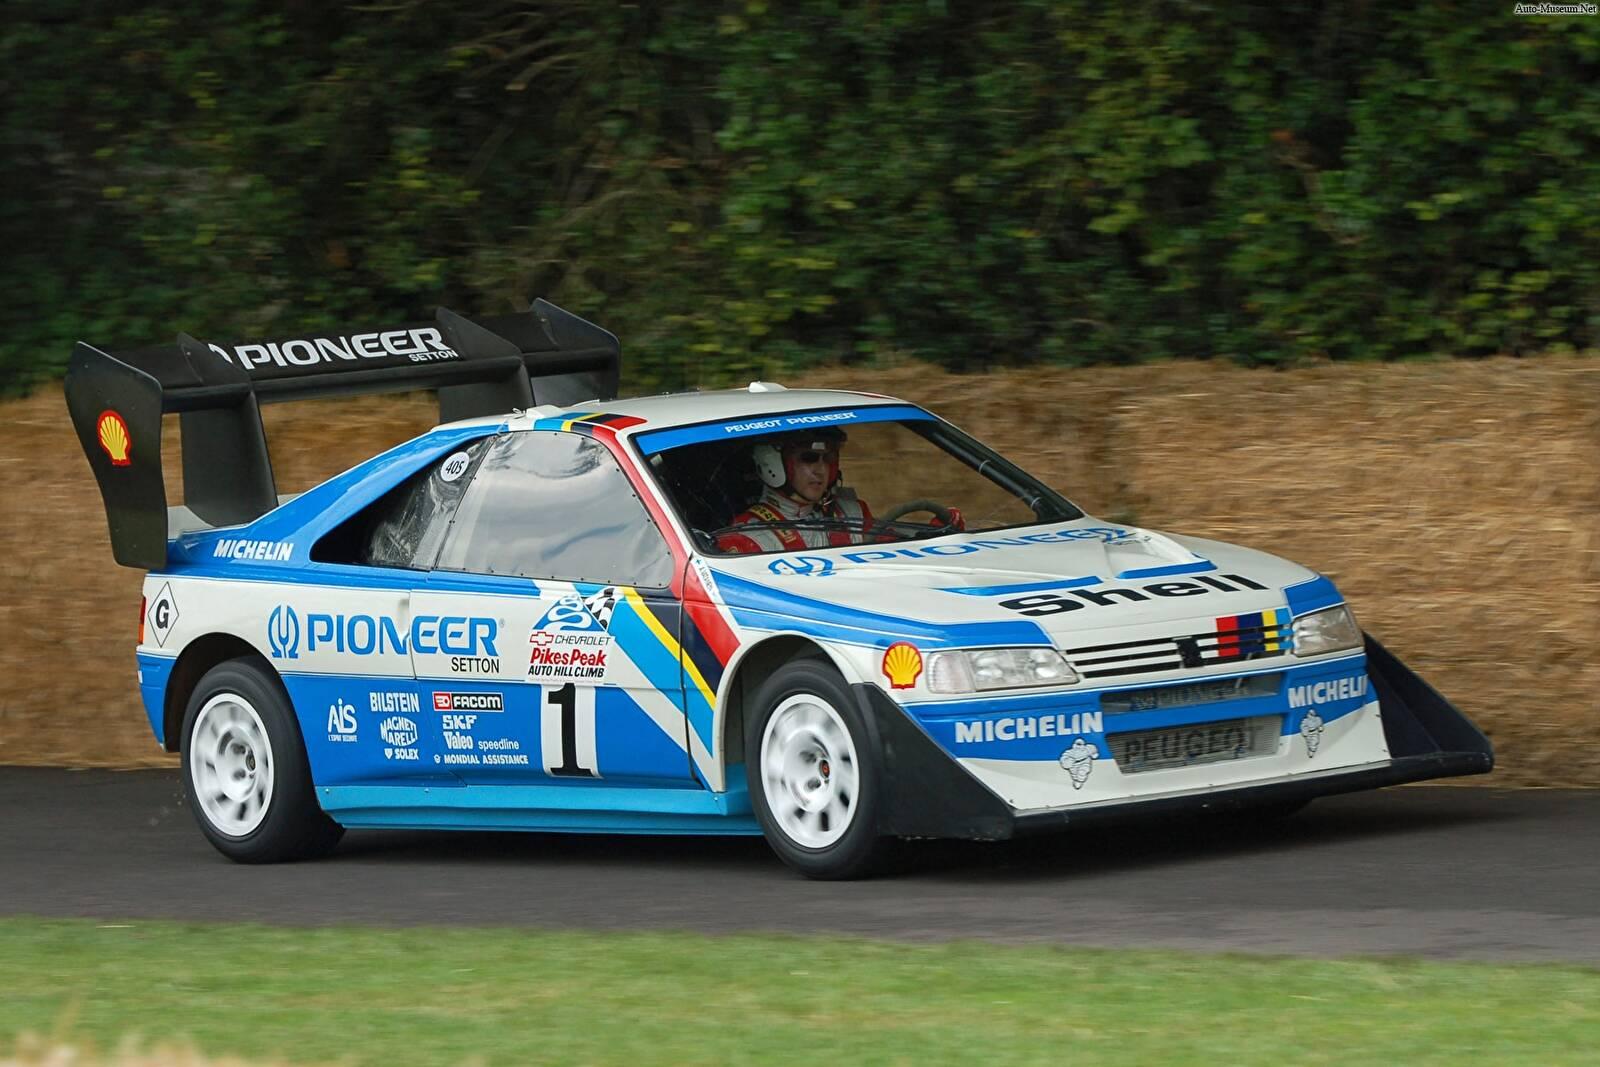 Fiche Technique Peugeot 405 T16 Pikes Peak (1988-1989